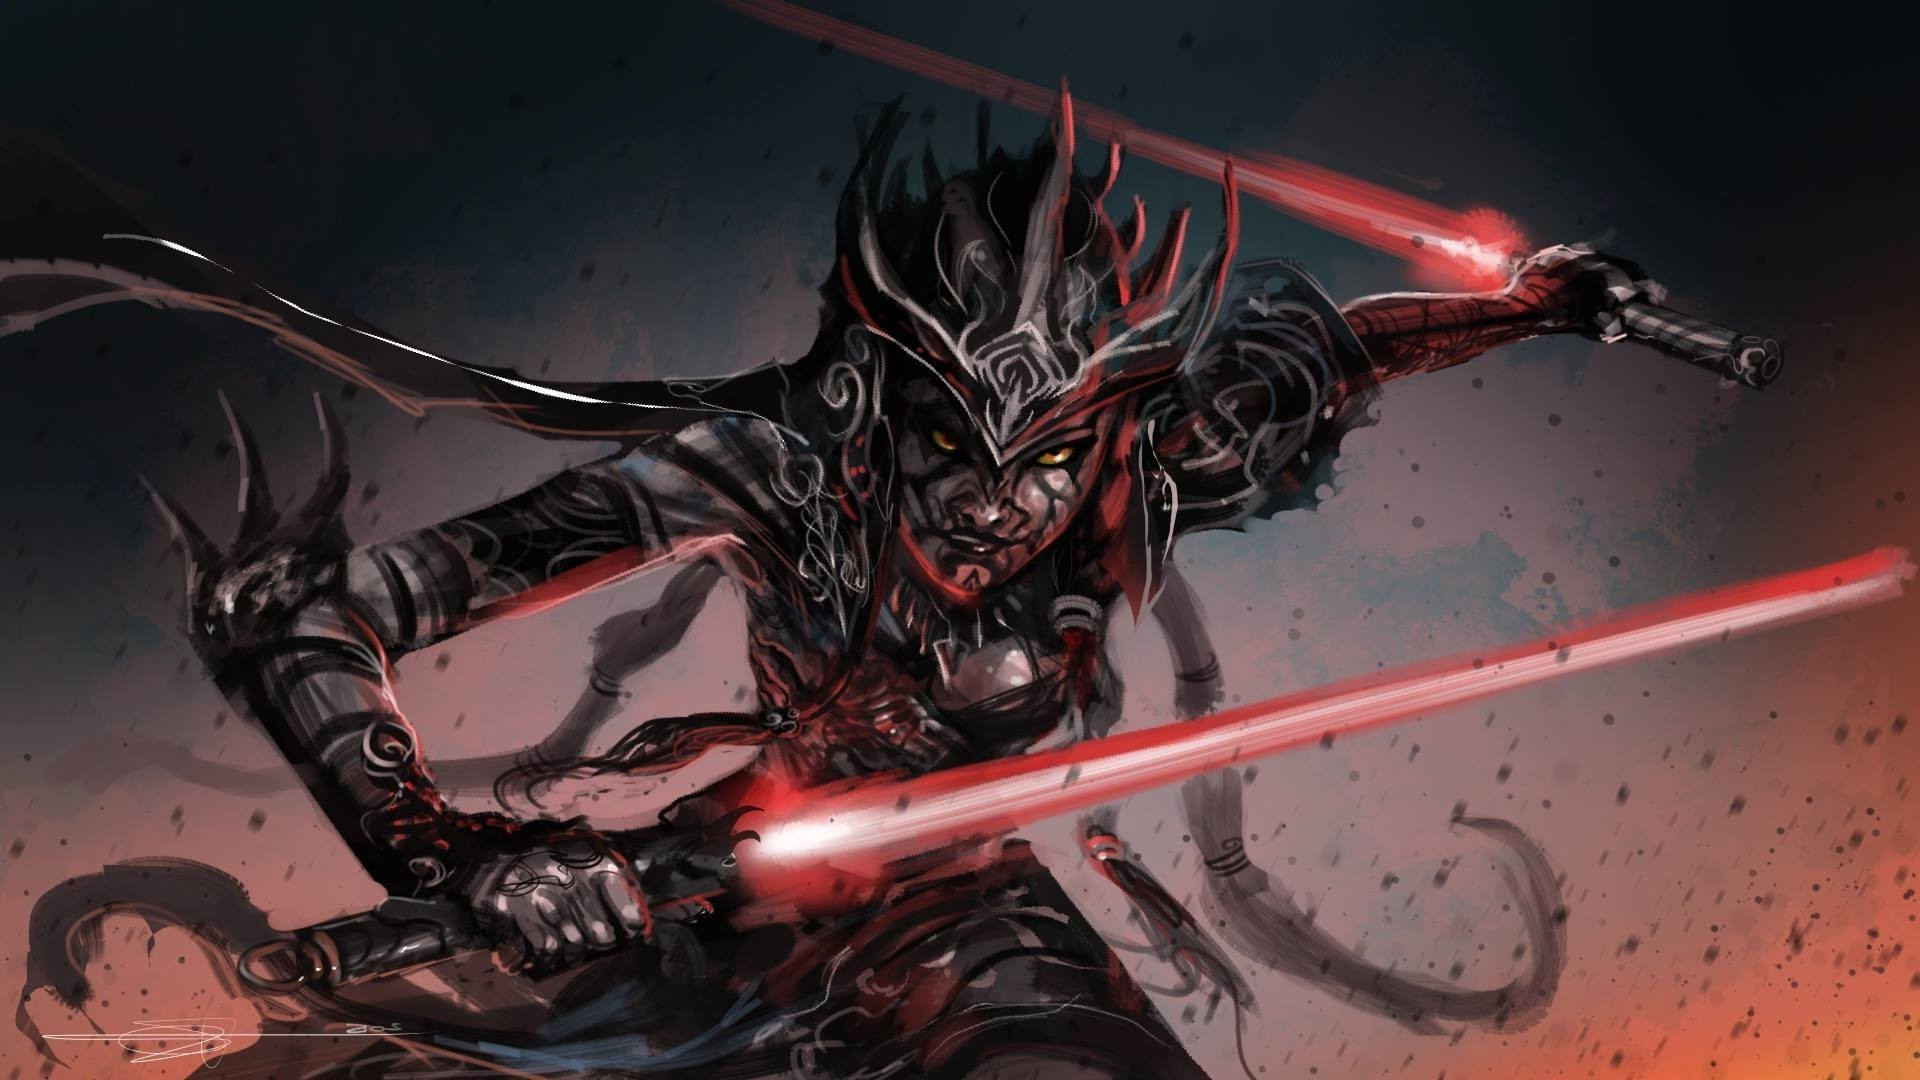 artwork, Fantasy Art, Star Wars, Lightsaber, Sith Wallpapers HD / Desktop  and Mobile Backgrounds